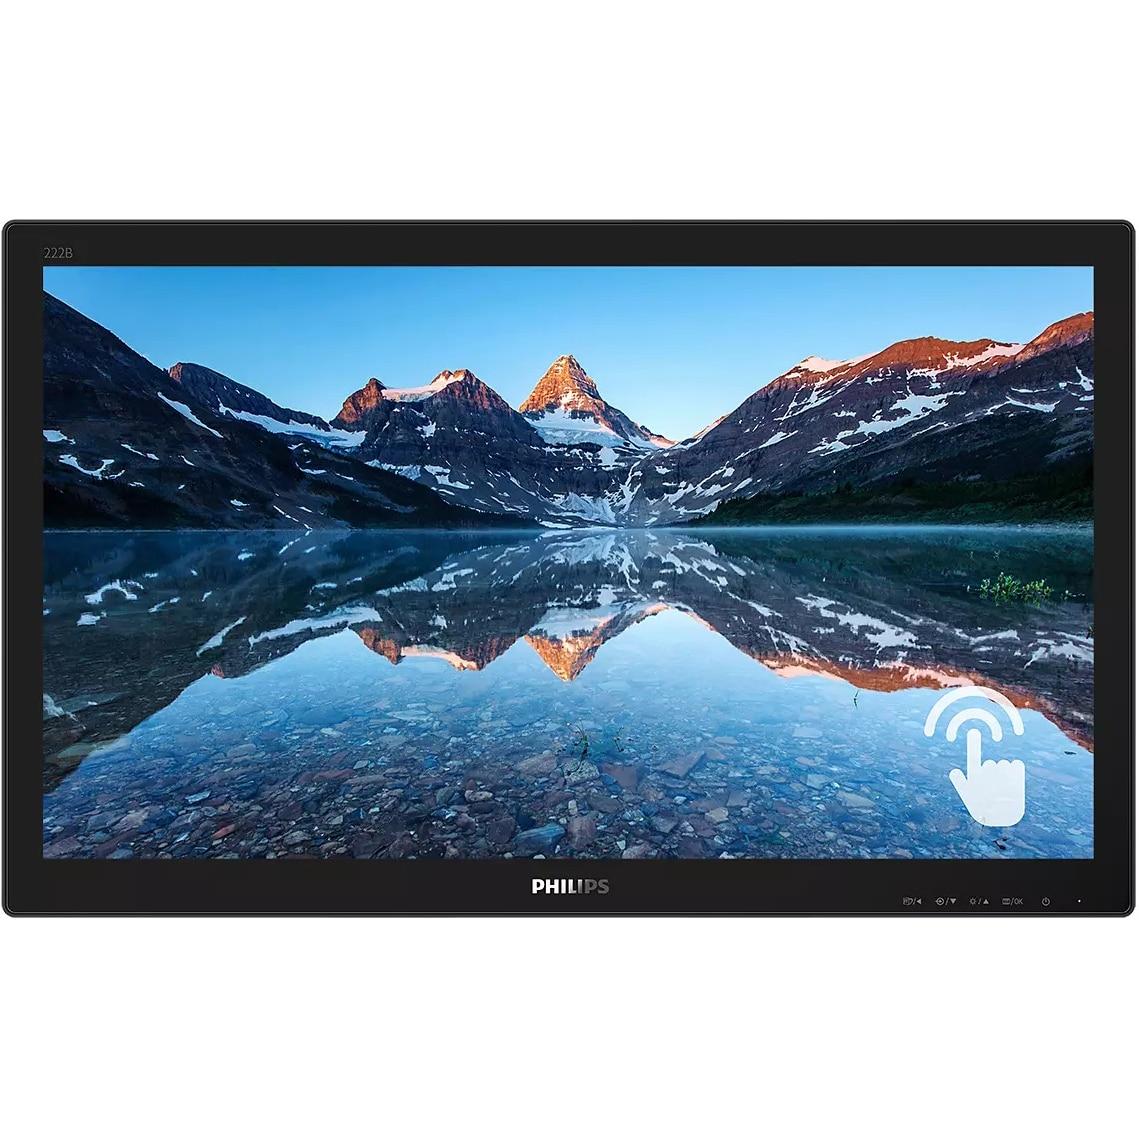 Fotografie Monitor Philips LED TN 21.5'', Full HD, 60Hz, 1ms, FlickerFree, Display Port, HDMI, DVI, USB, VGA, 222B9TN/00